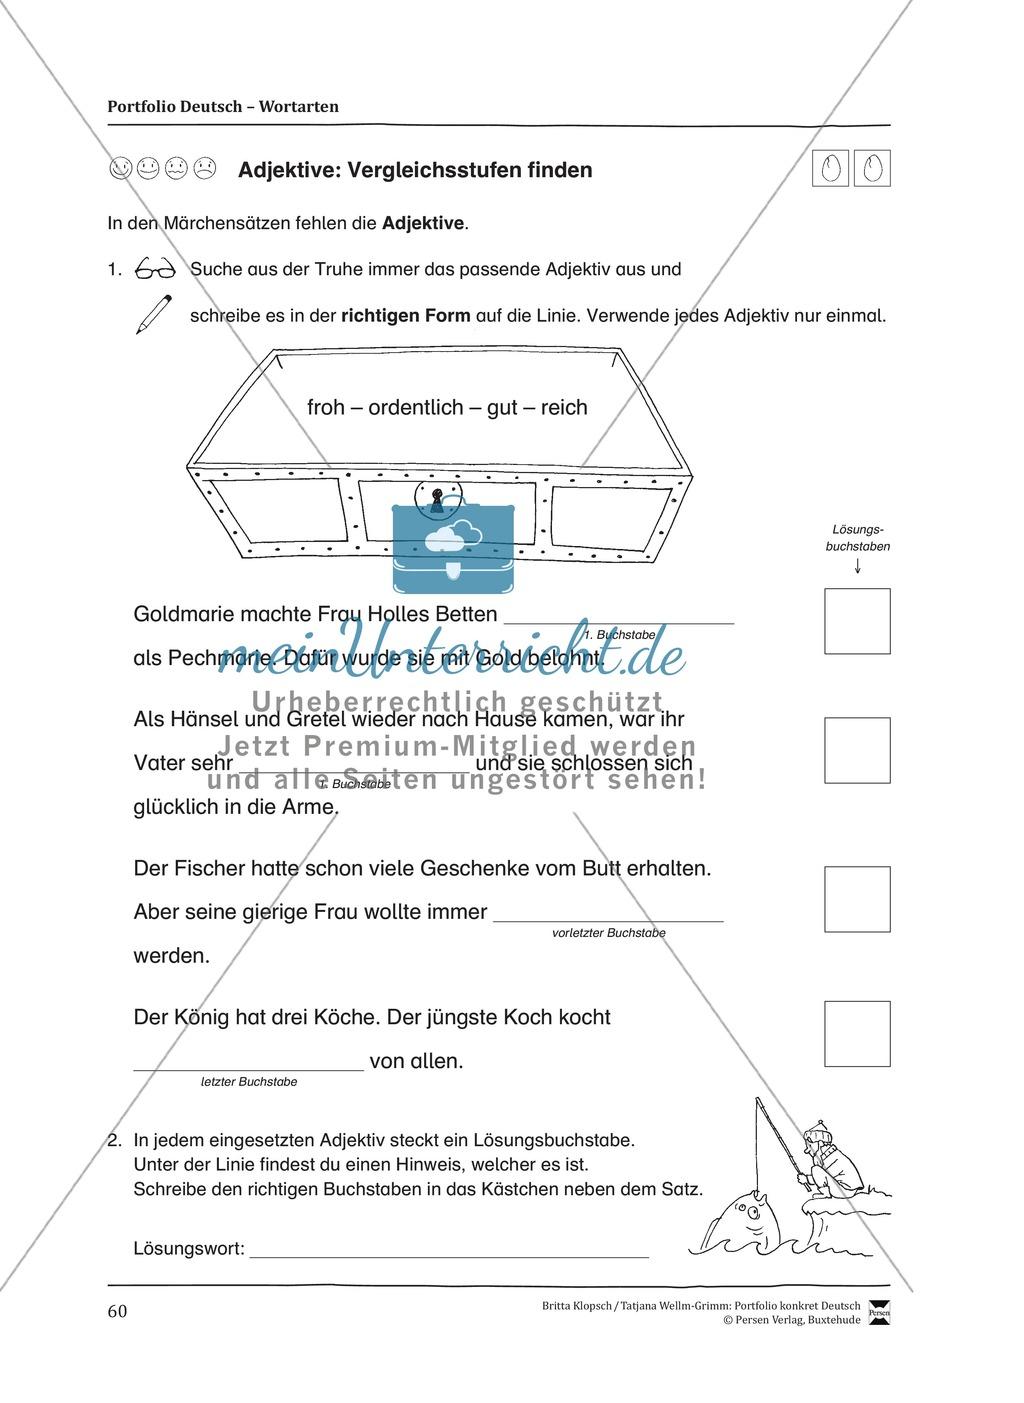 Kopiervorlagen für den Themenbereich Wortarten Preview 17